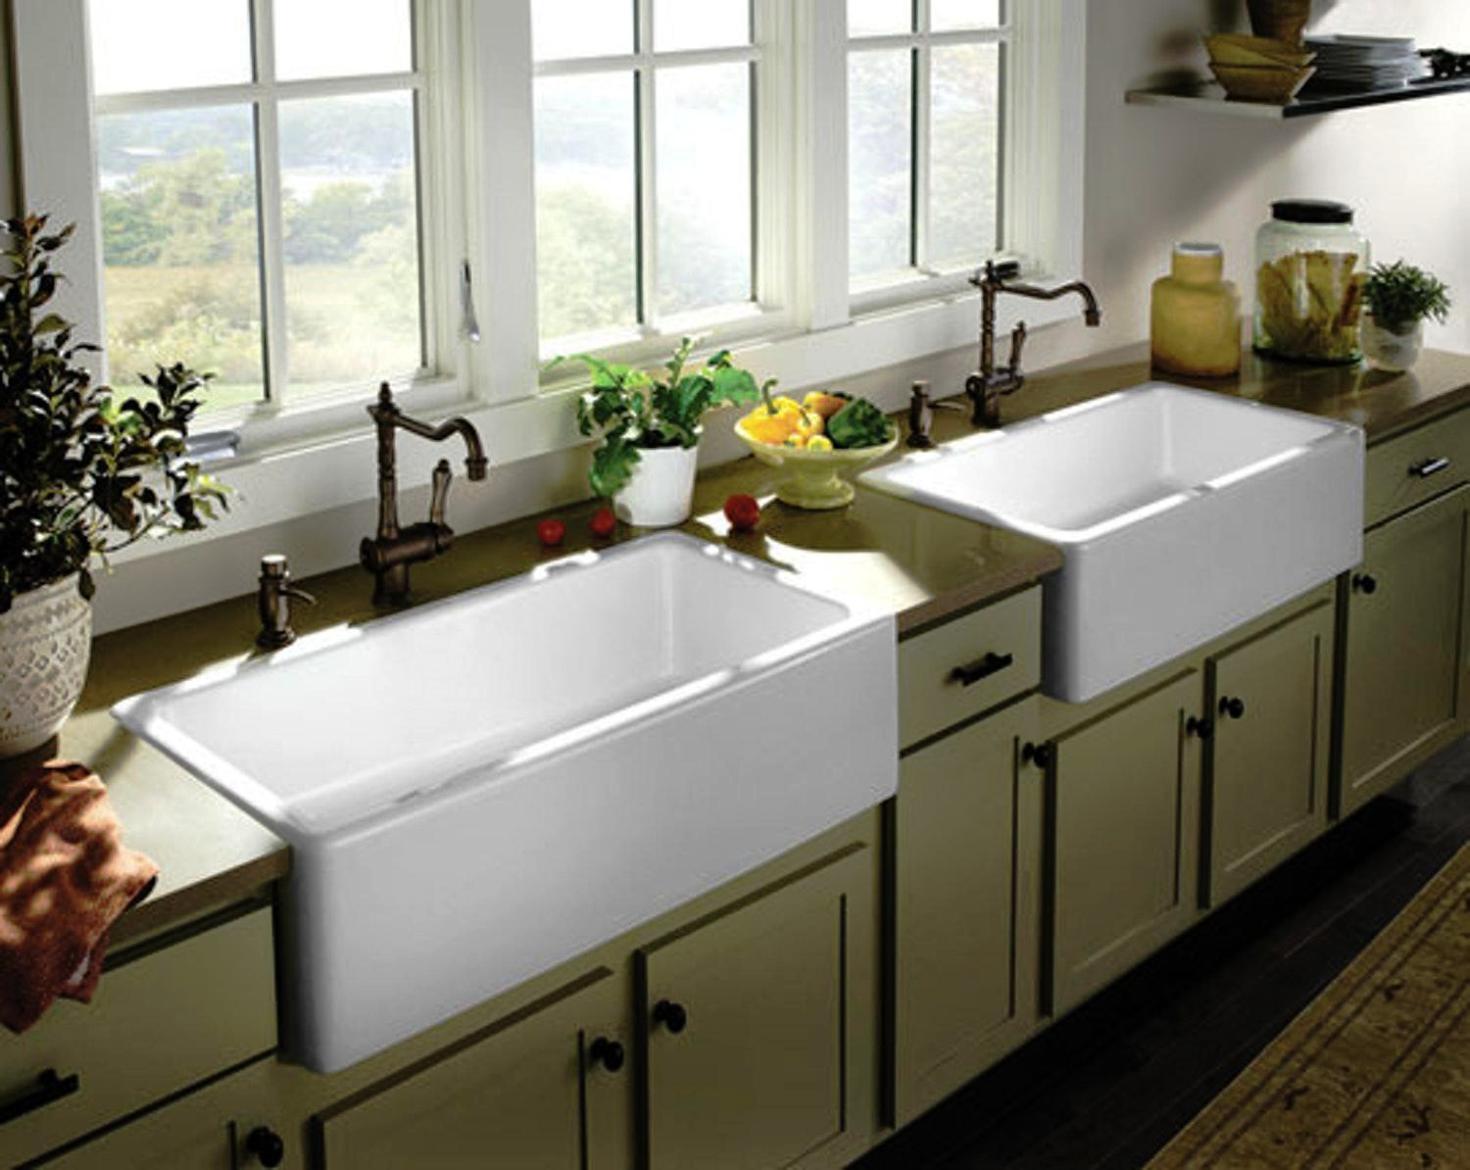 Farmhouse Sink With Backsplash